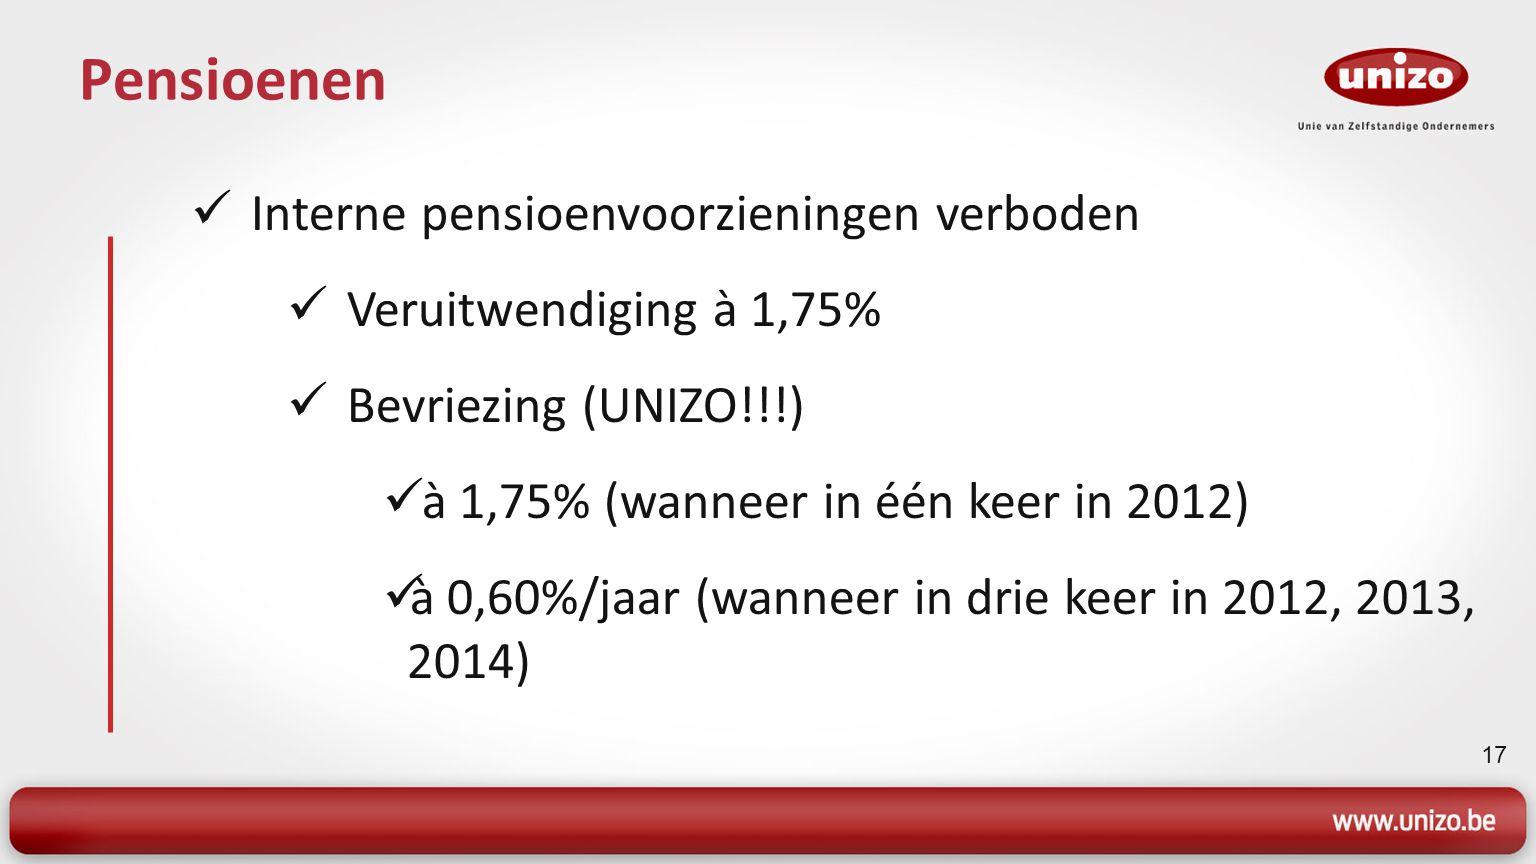 17 Pensioenen Interne pensioenvoorzieningen verboden Veruitwendiging à 1,75% Bevriezing (UNIZO!!!) à 1,75% (wanneer in één keer in 2012) à 0,60%/jaar